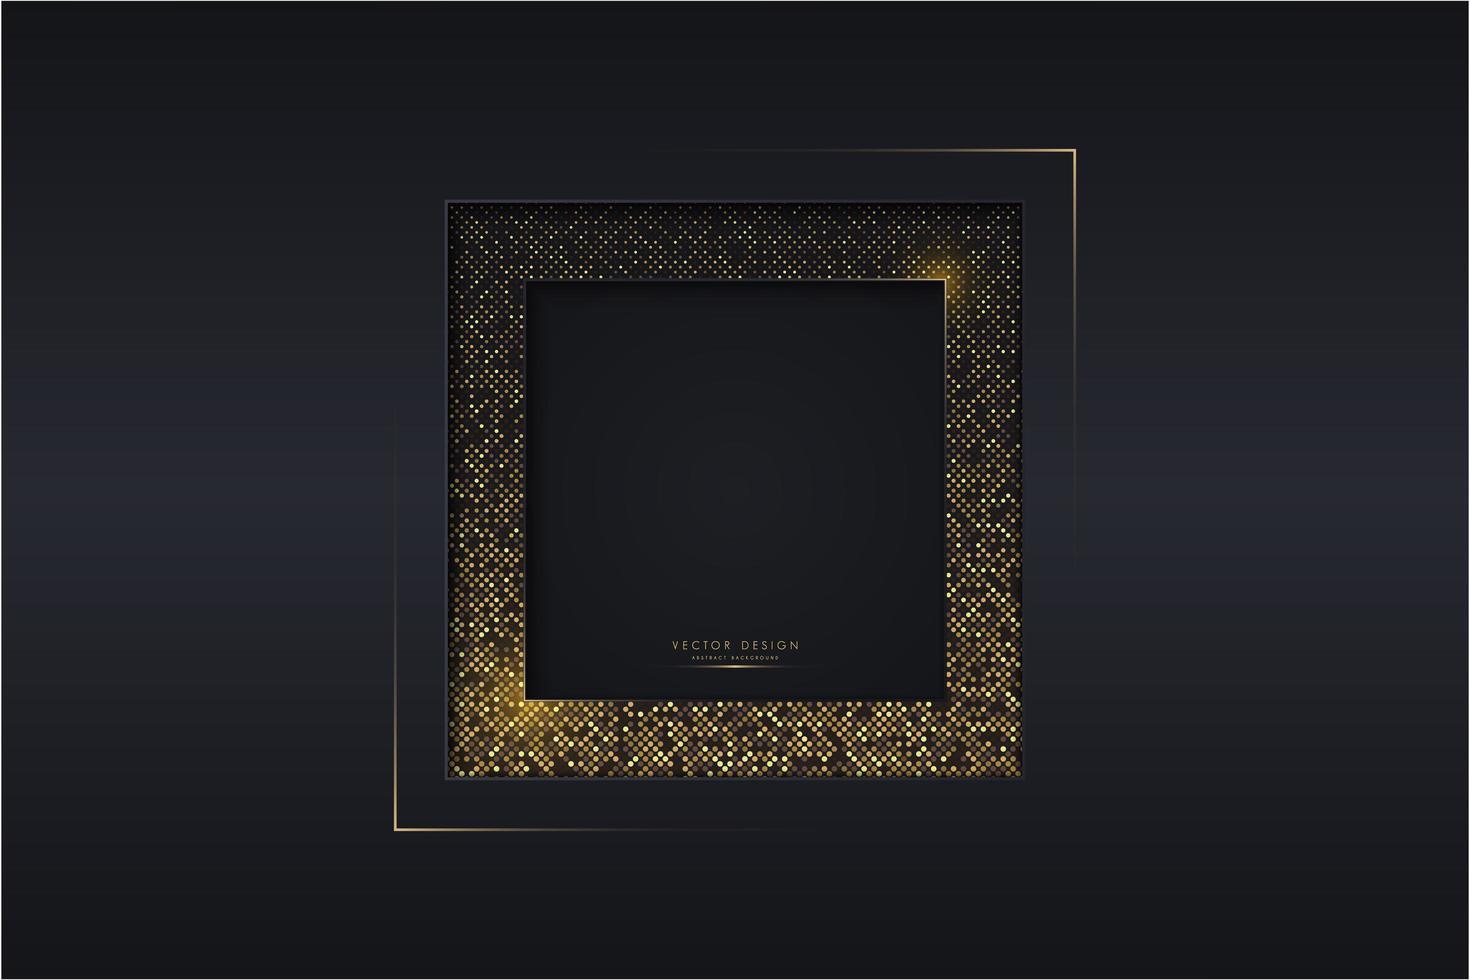 conception métallique sombre avec cadre de points dorés brillants vecteur